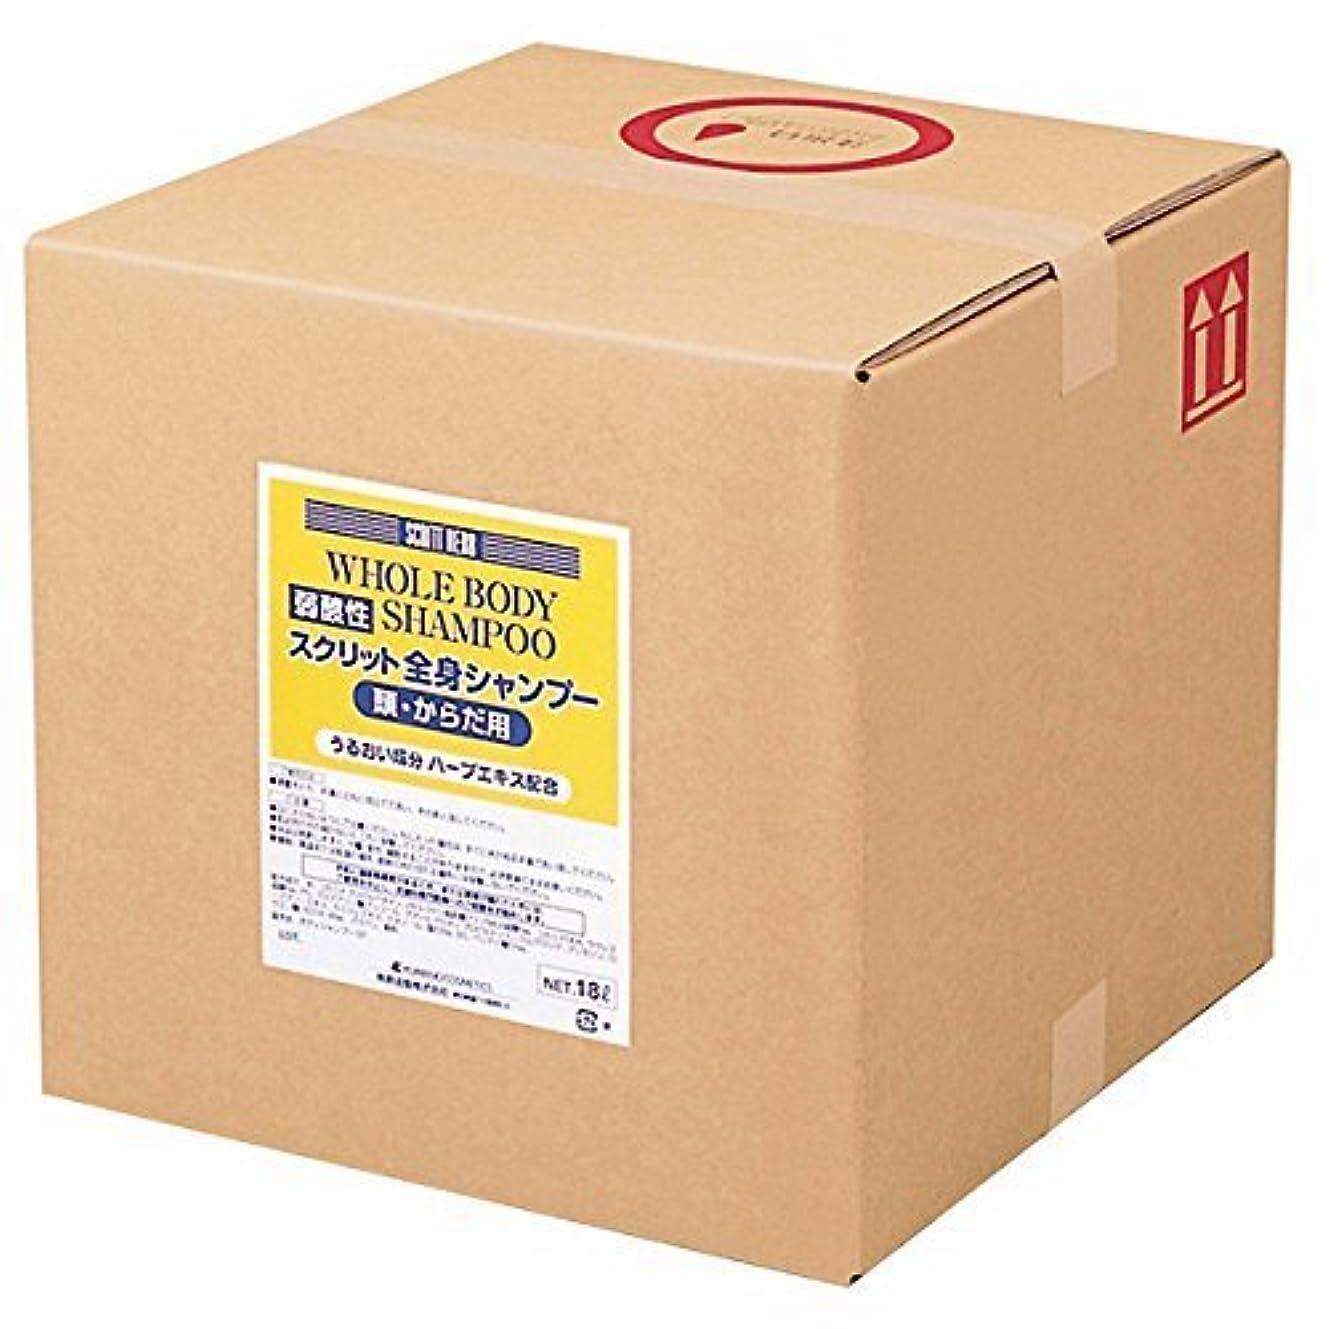 甘美な安全屋内業務用 SCRITT(スクリット) 全身シャンプー 18L 熊野油脂 (コック付き)